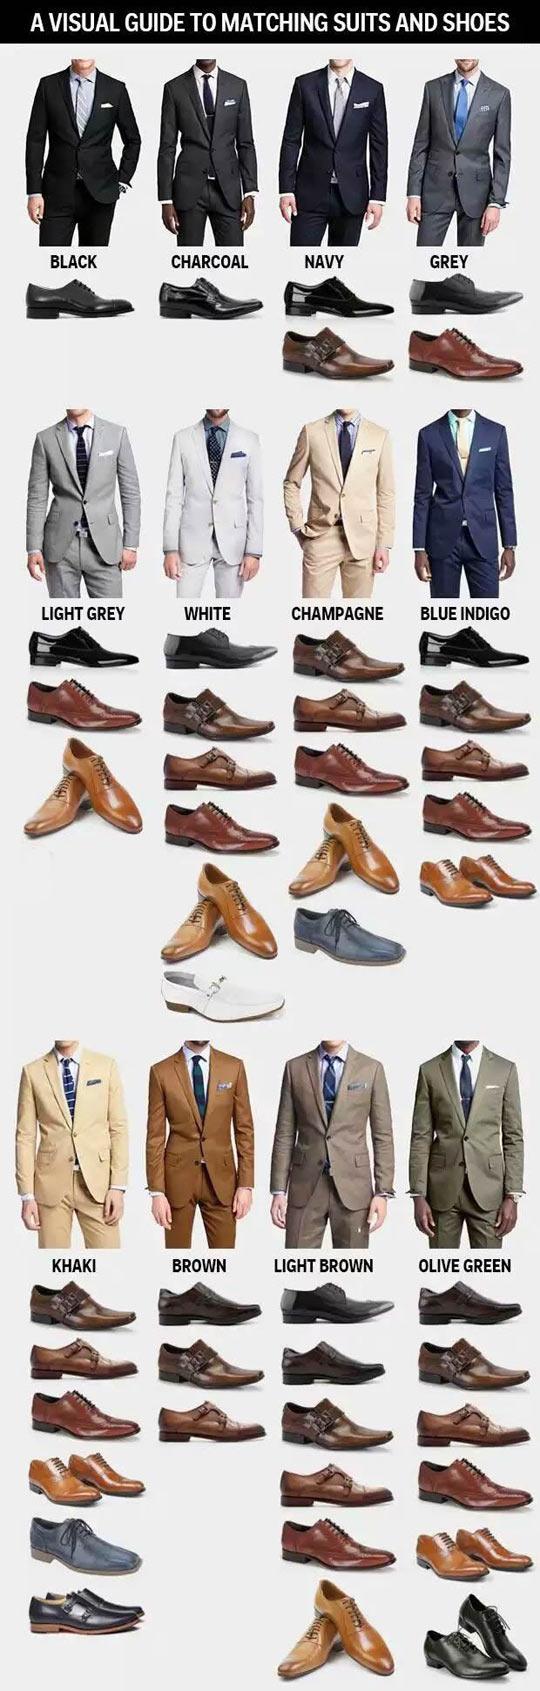 funny-suits-shoes-guide-men